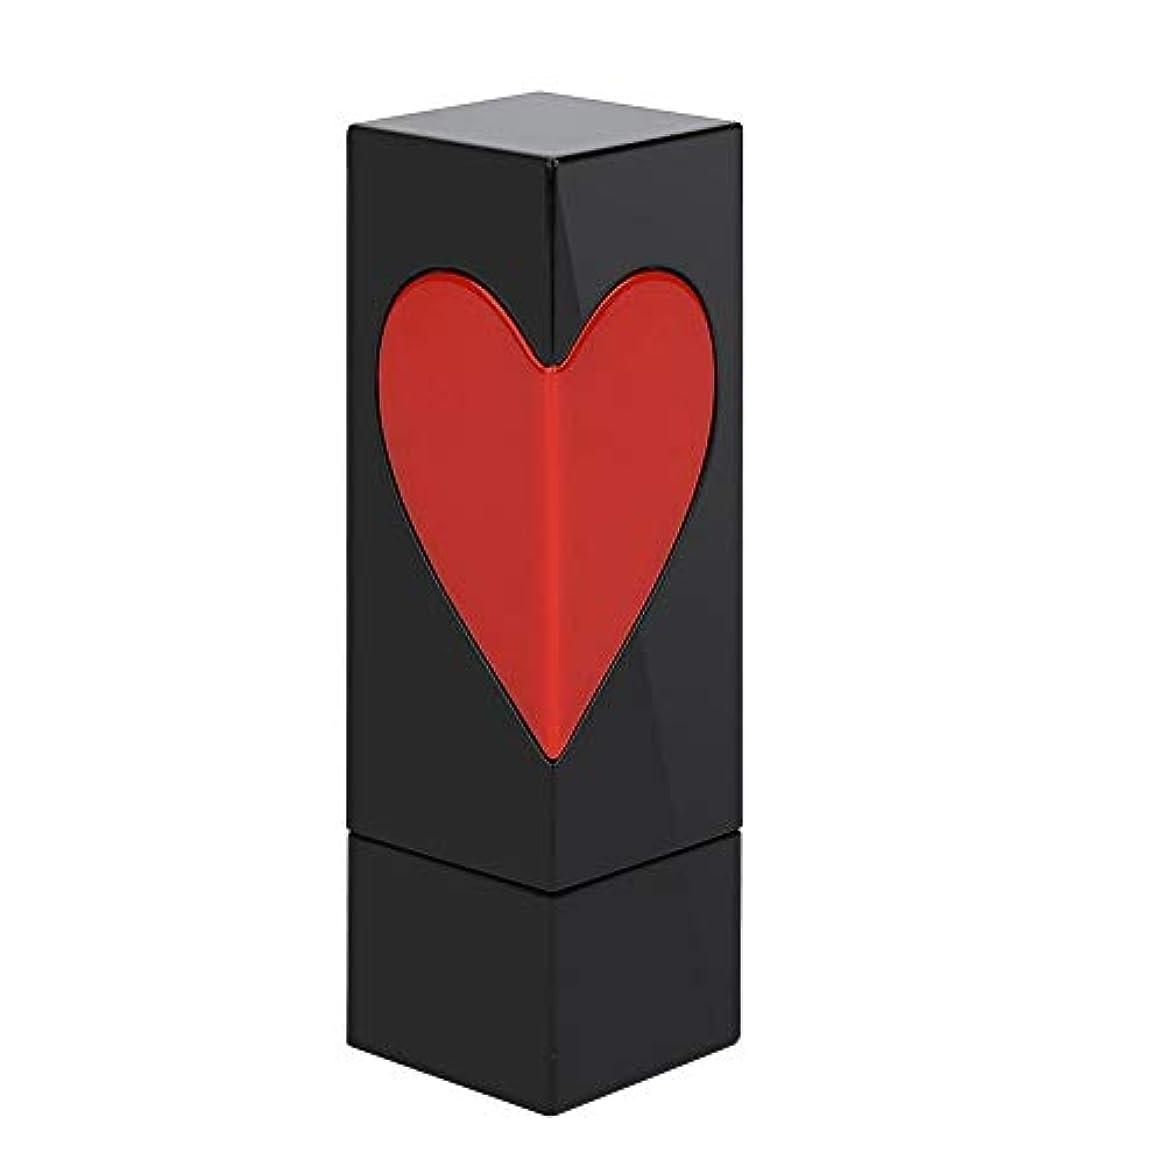 実験をする要件排除Semmeの空の口紅の管、愛の心の空のDIYの口紅の容器の自作の口紅型のリップ?クリームの管(シングルoppバッグ)